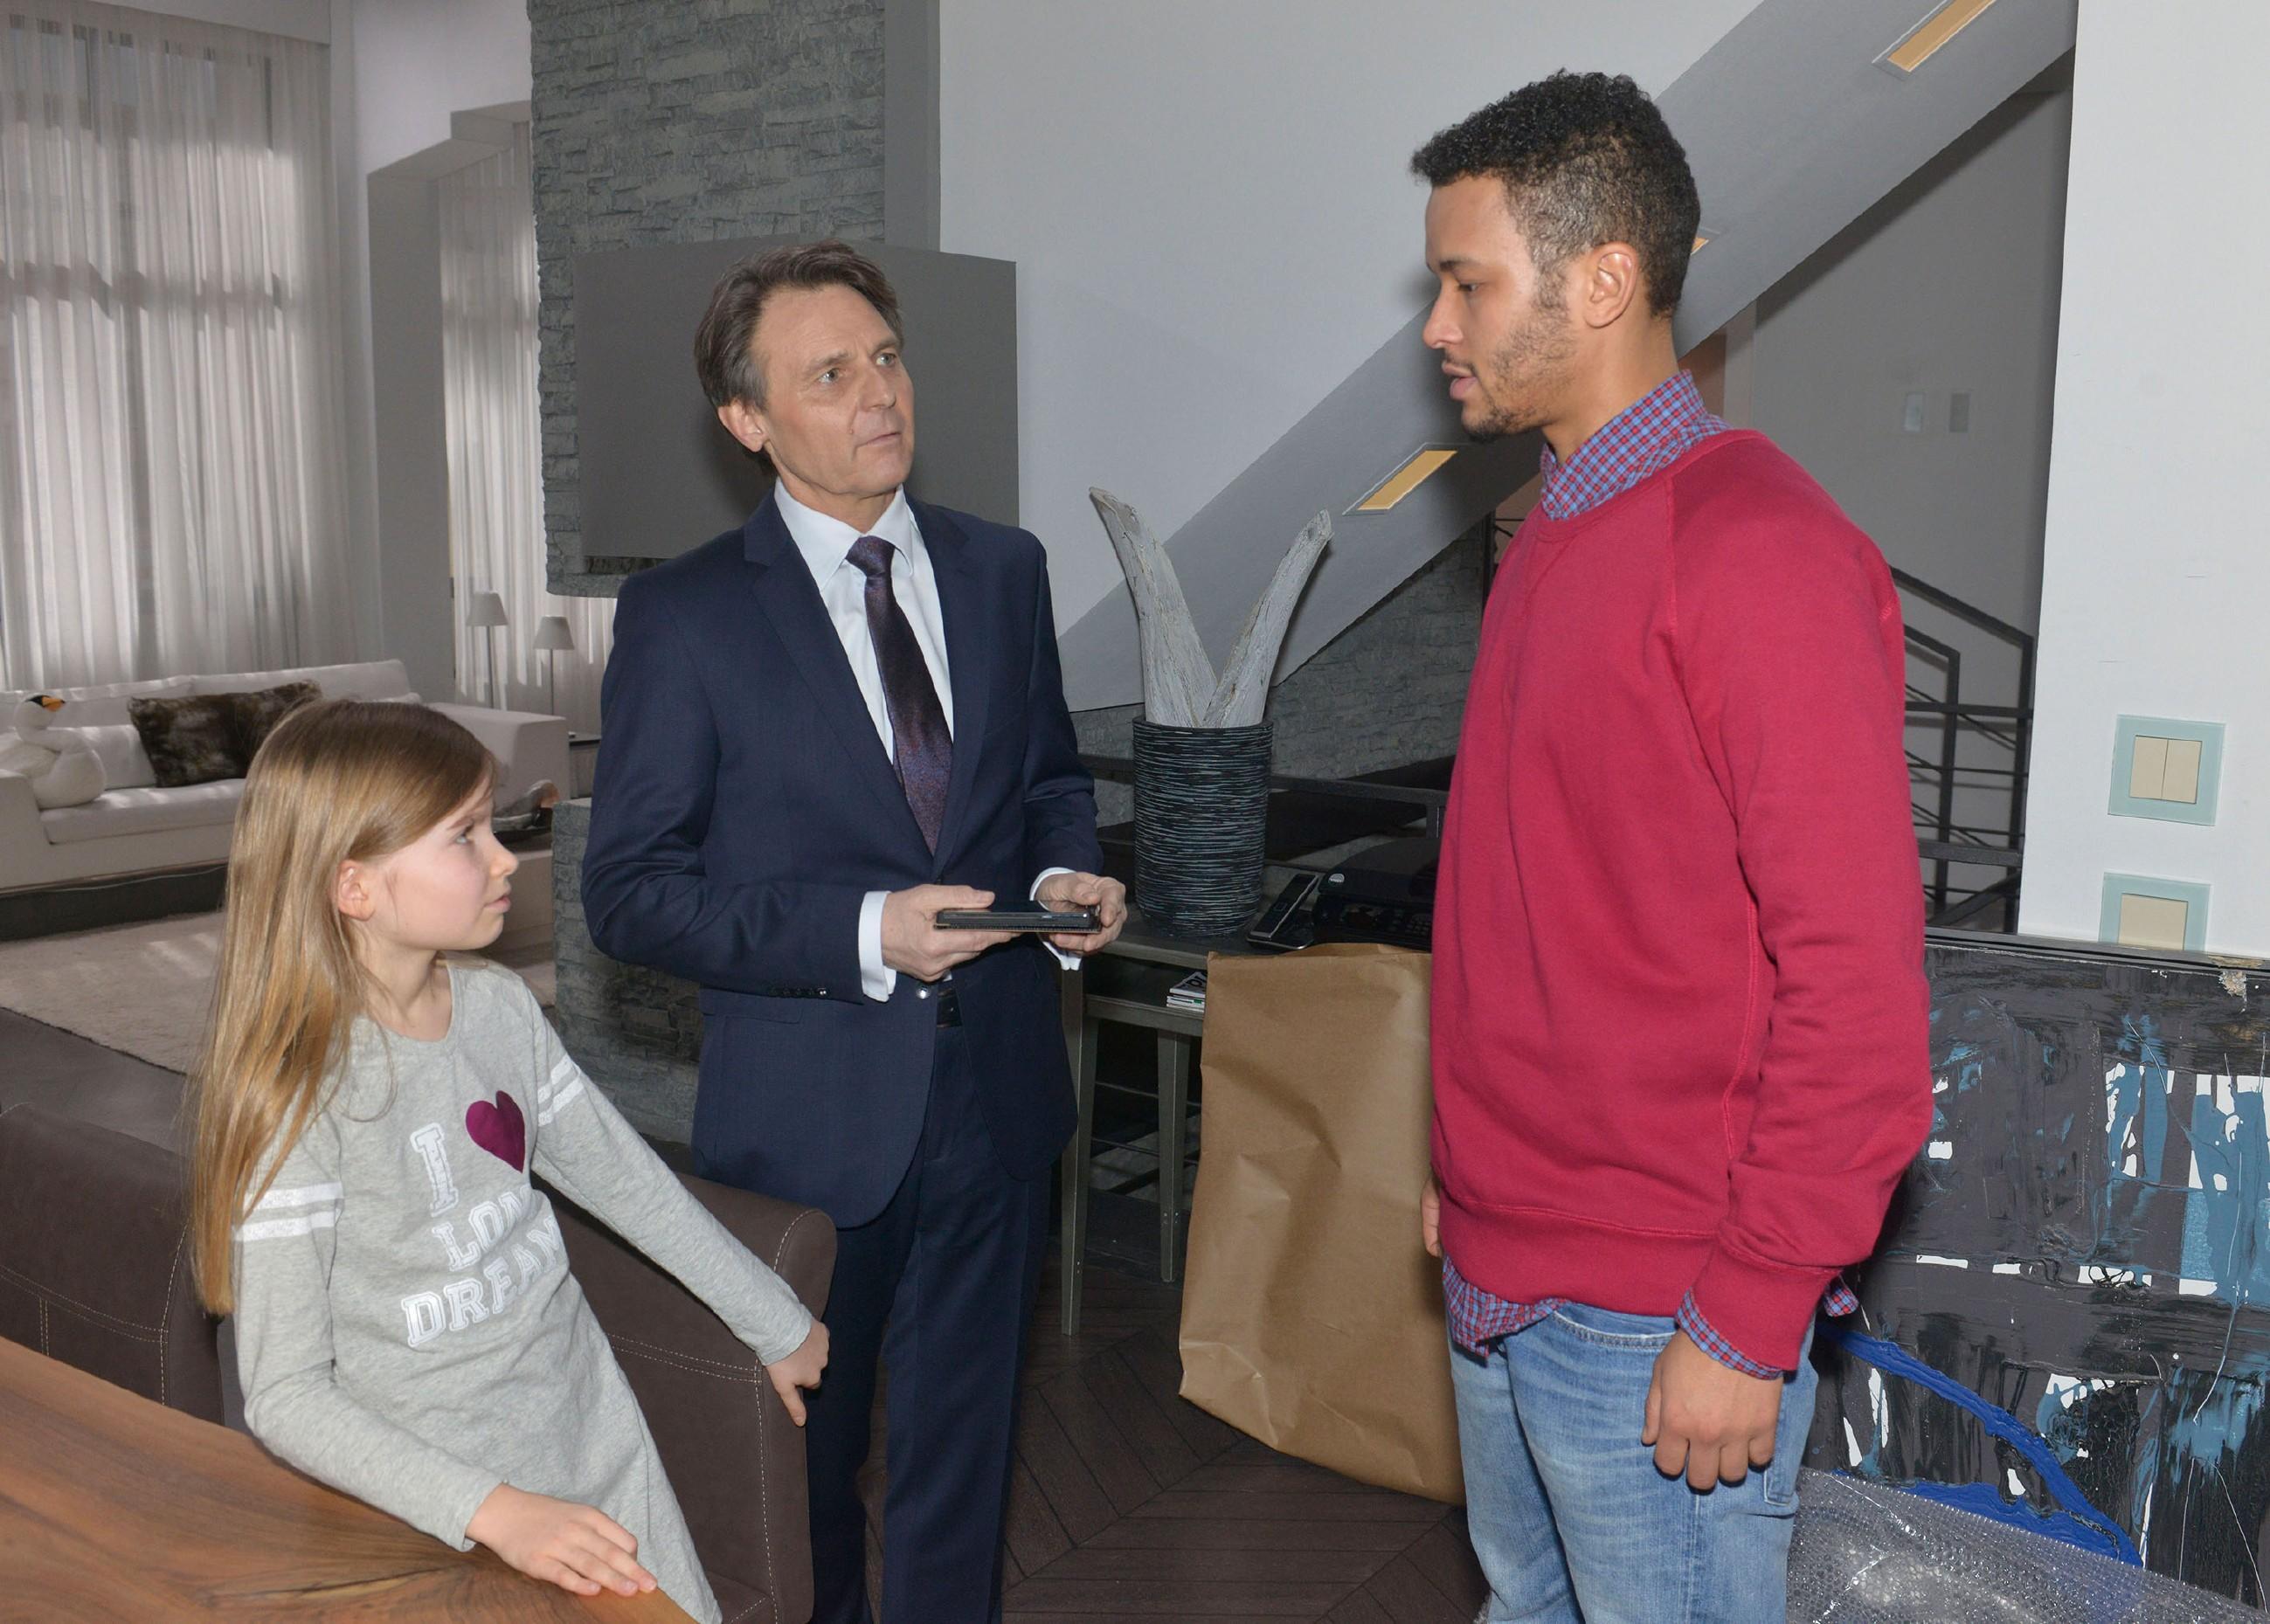 Obwohl Johanna lügt, möchte Amar (Thando Walbaum) keinen Ärger mit Gerner (Wolfgang Bahro), dem er seine Aufenthaltsgenehmigung zu verdanken hat. (Quelle: RTL / Rolf Baumgartner)